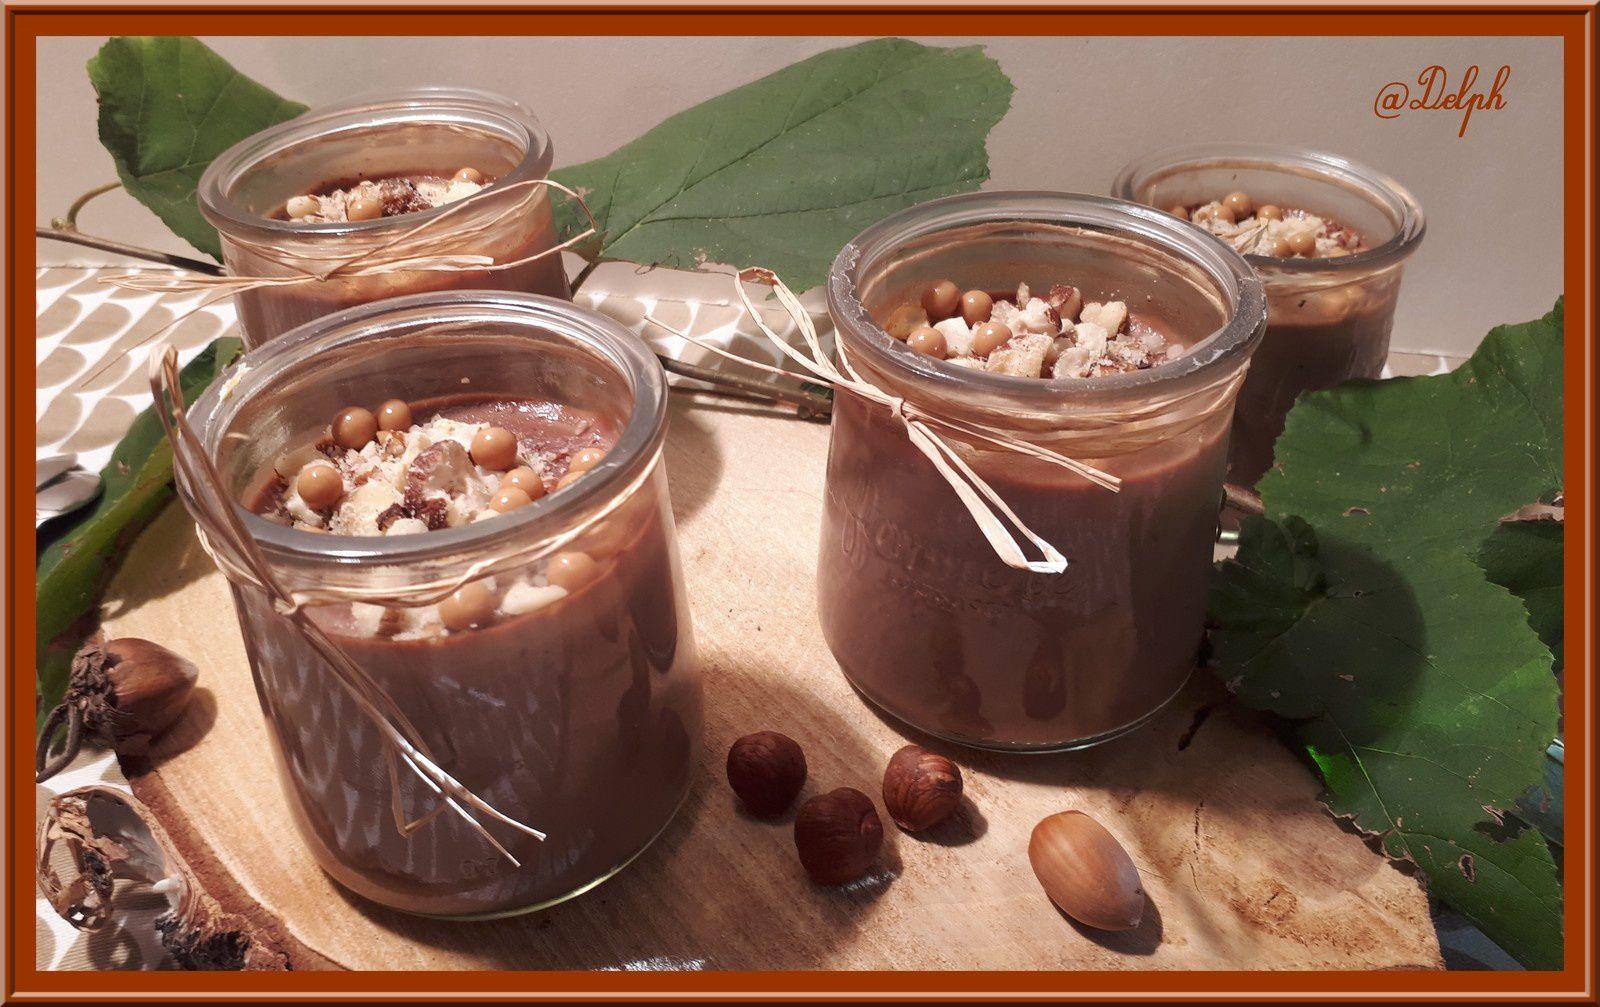 Petites crèmes chocolat et noisettes